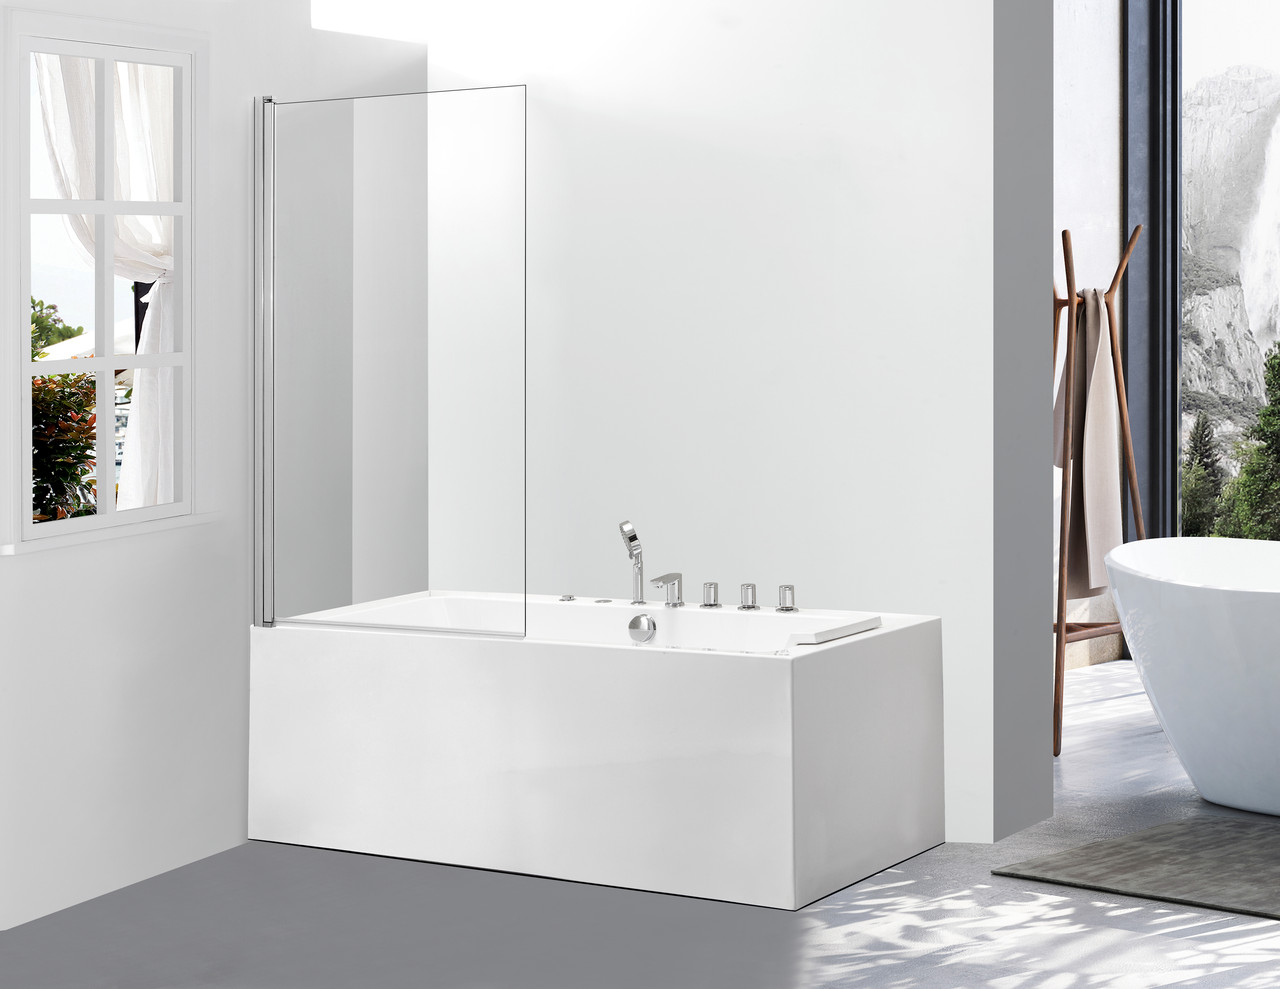 Скляна шторка для ванни AVKO Glass 542 70х140см Clear